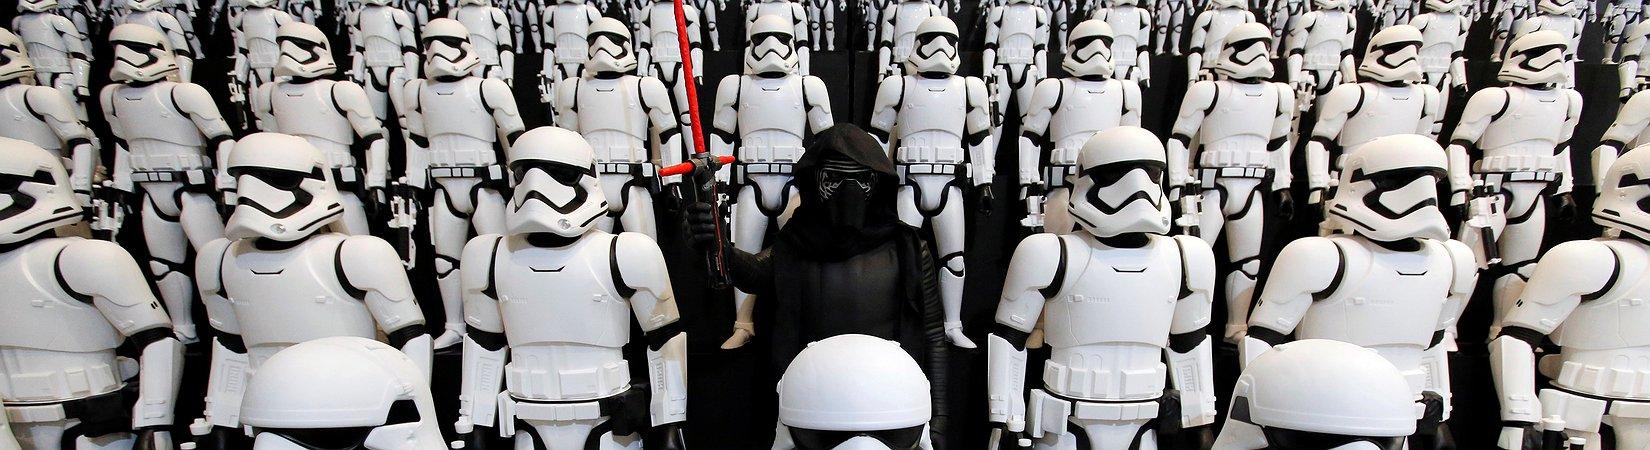 15 cose che non su sapevi su Star Wars